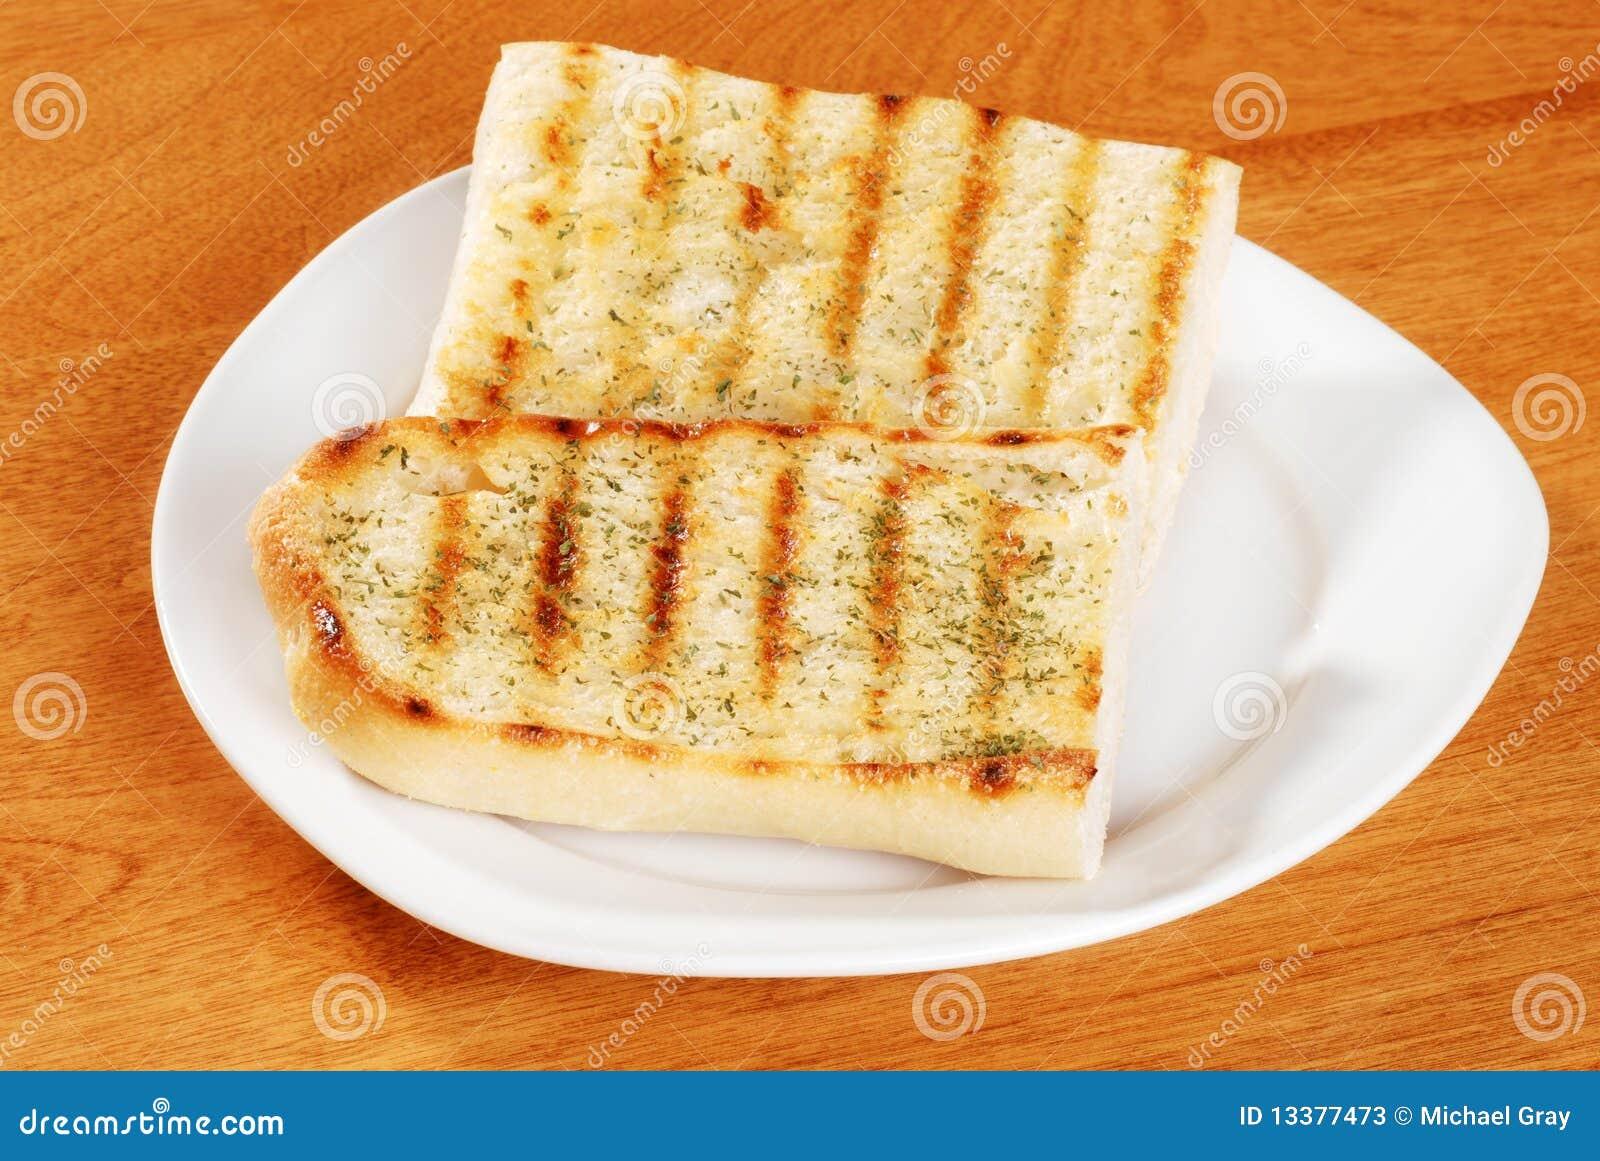 Het brood van het knoflook met kruiden